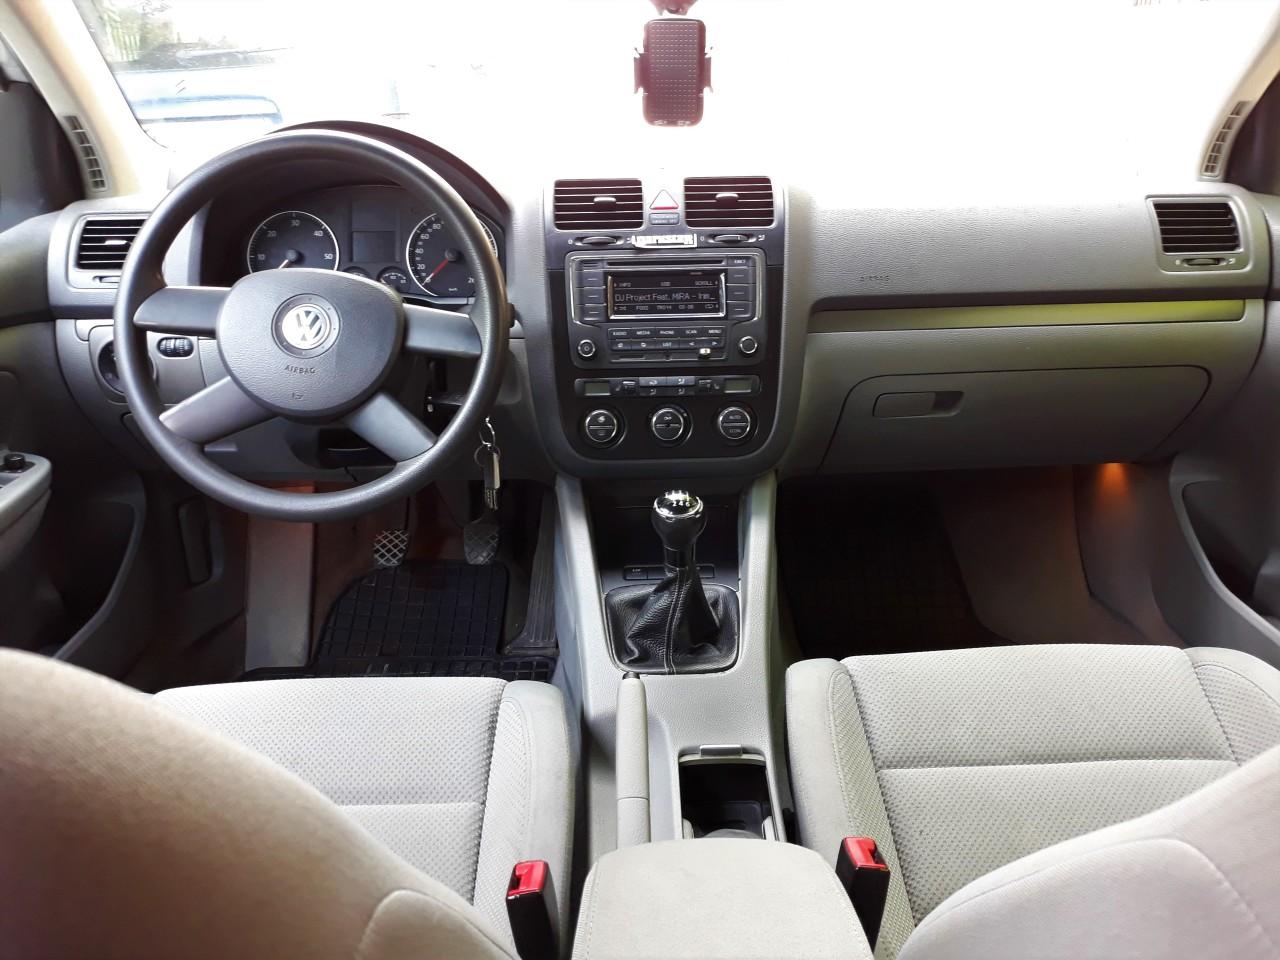 VW Golf 2.0 TDI 2005